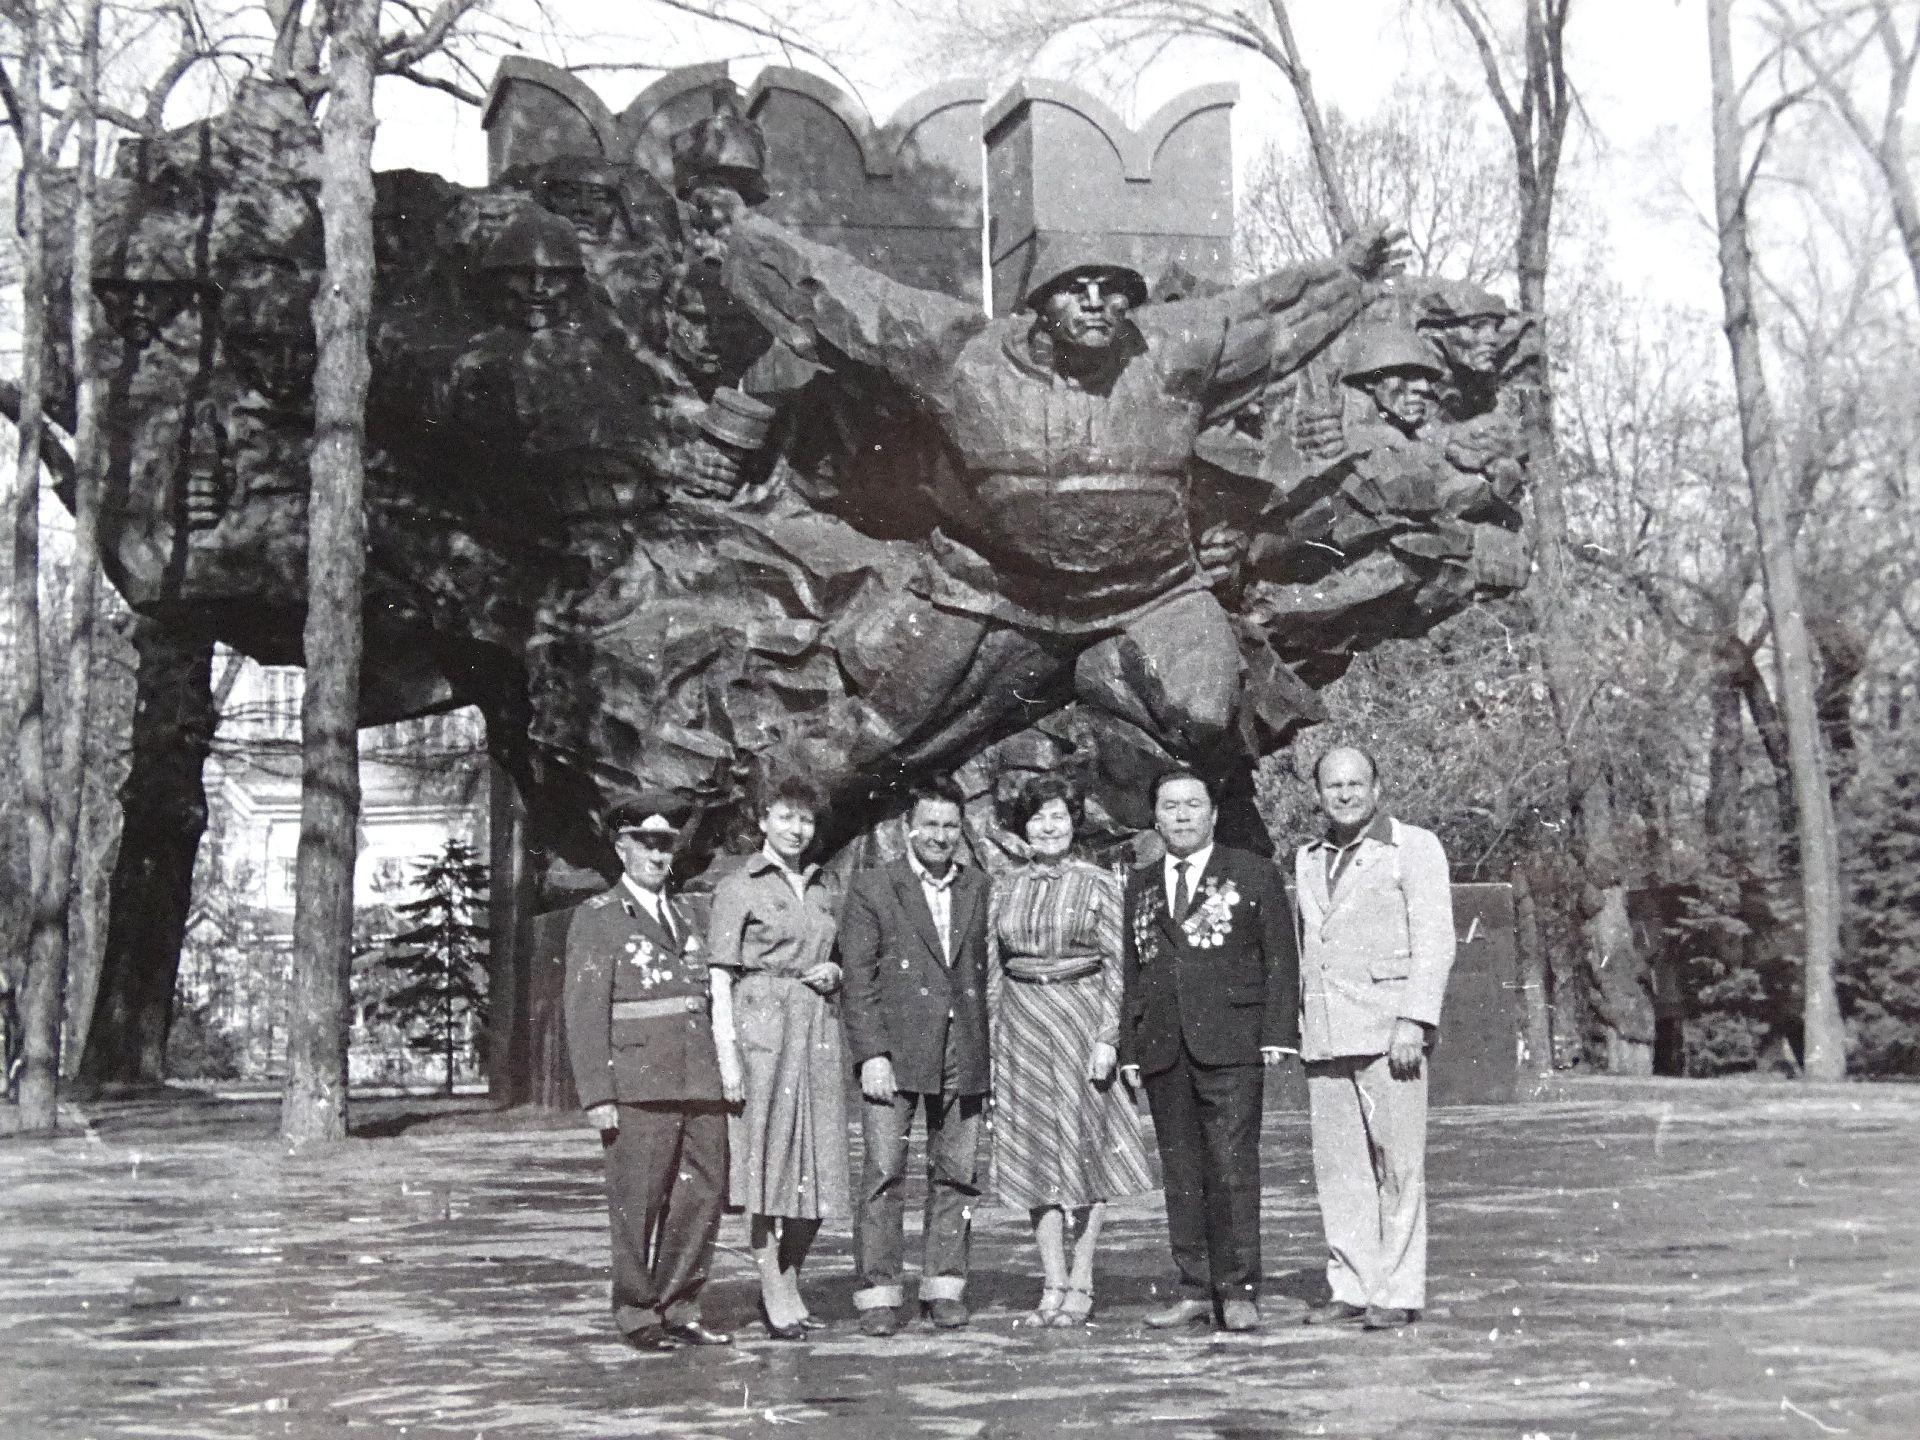 Экспонат #31. У Мемориала Славы в Алма-Ате